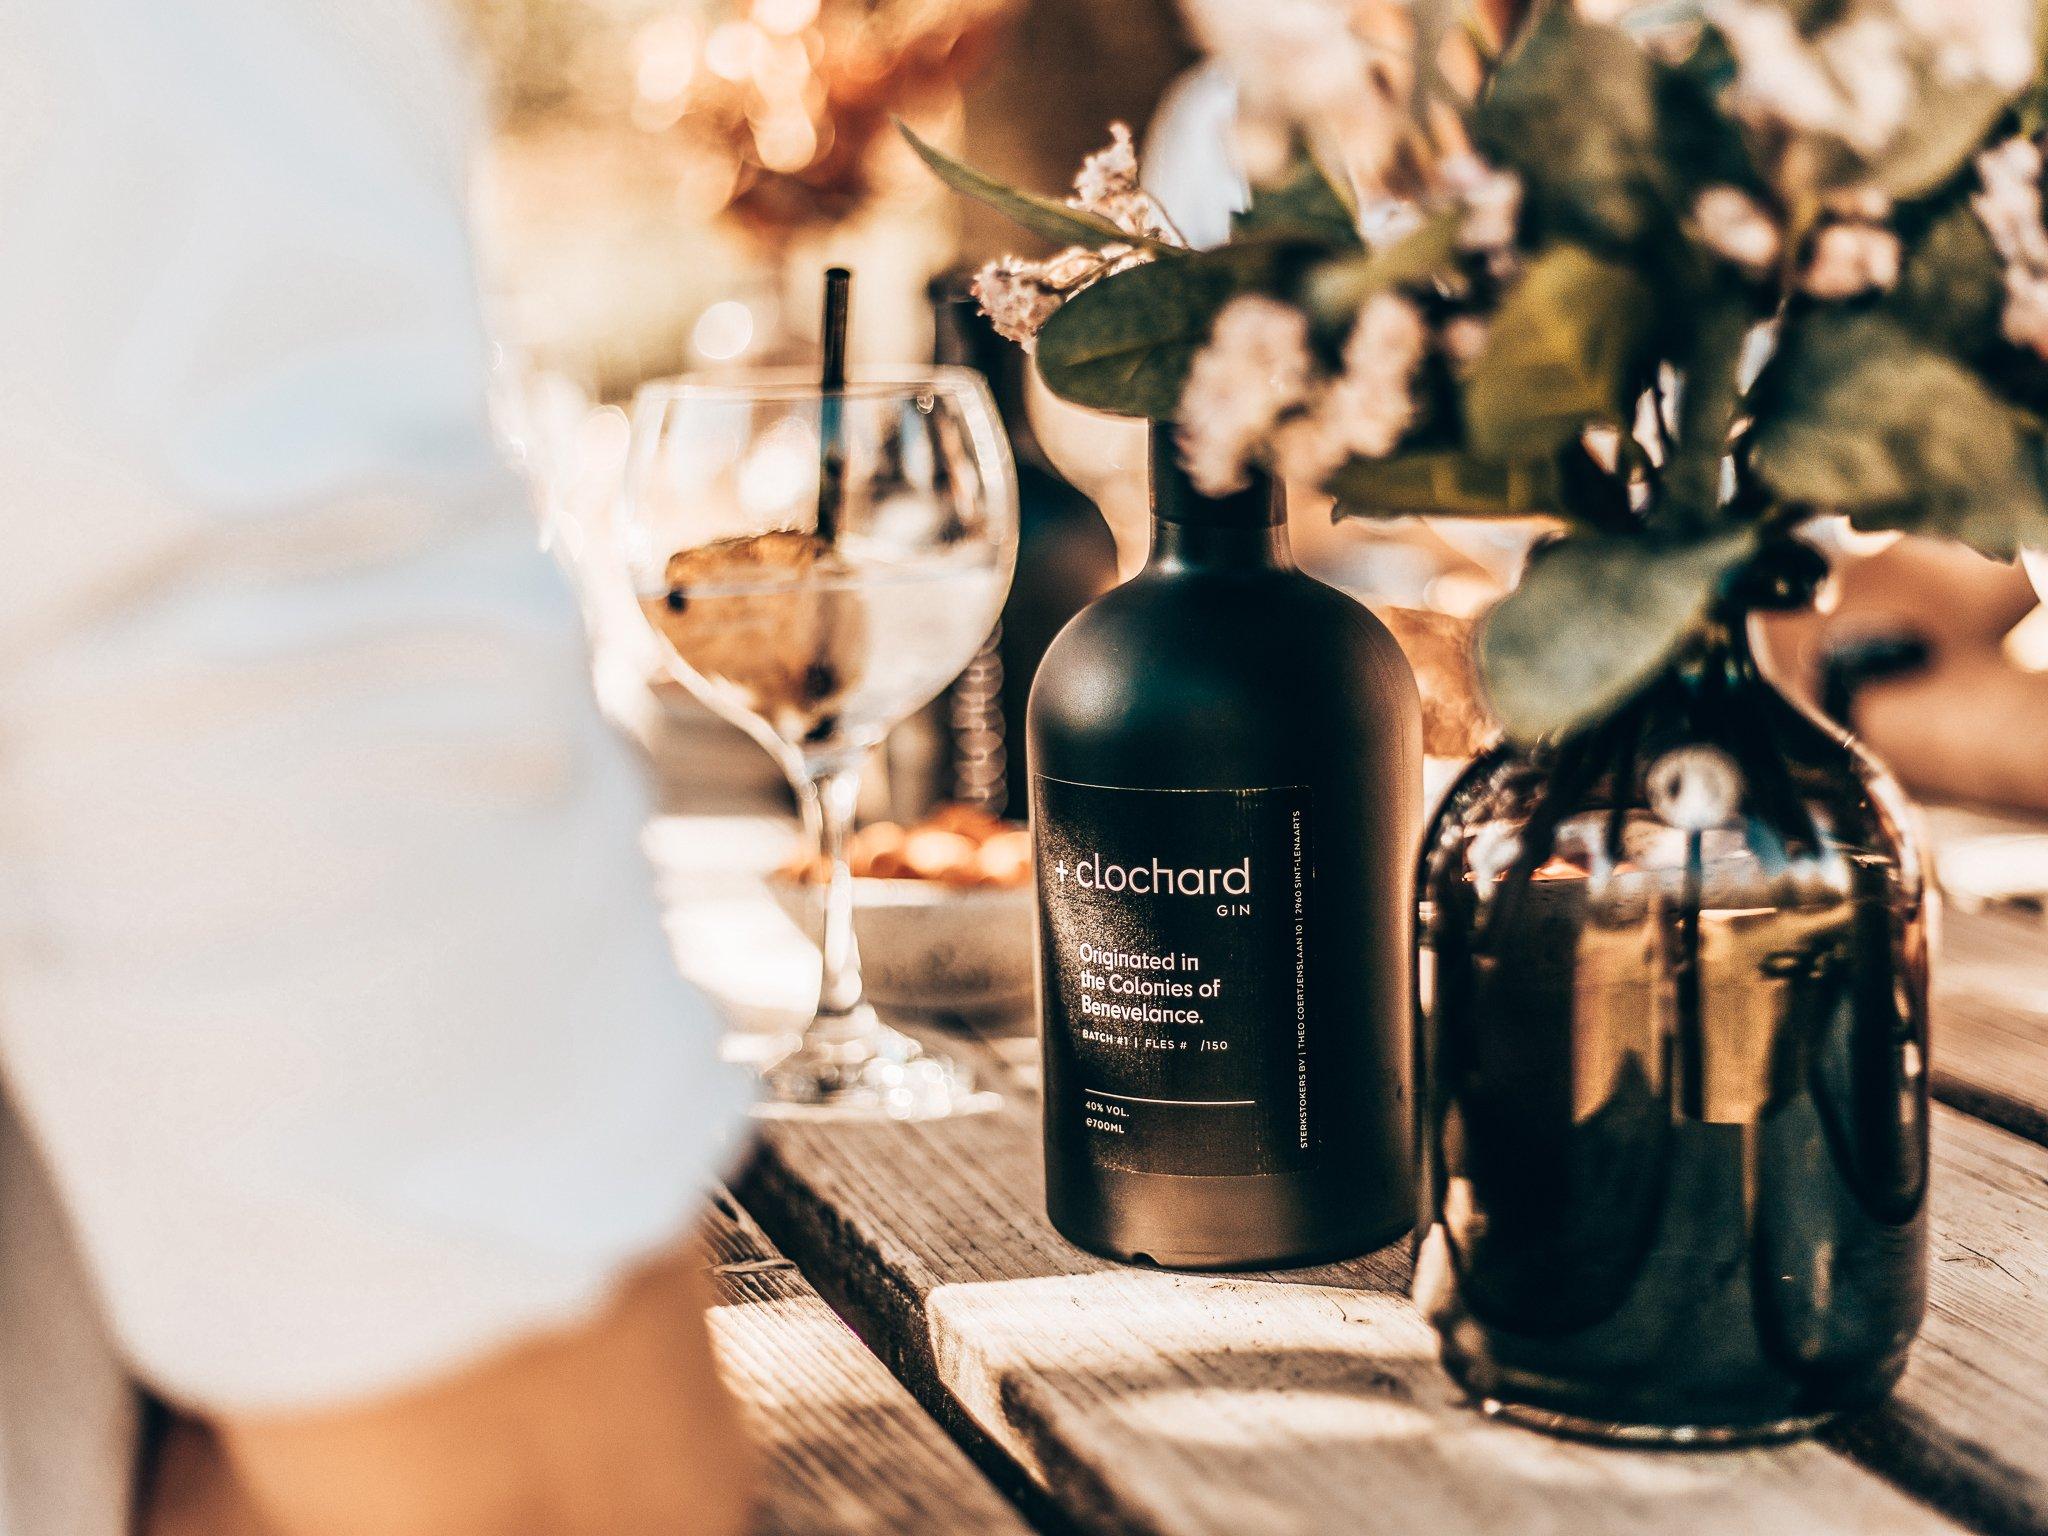 Het persoonlijke verhaal achter Clochard Gin, Alles over gin.